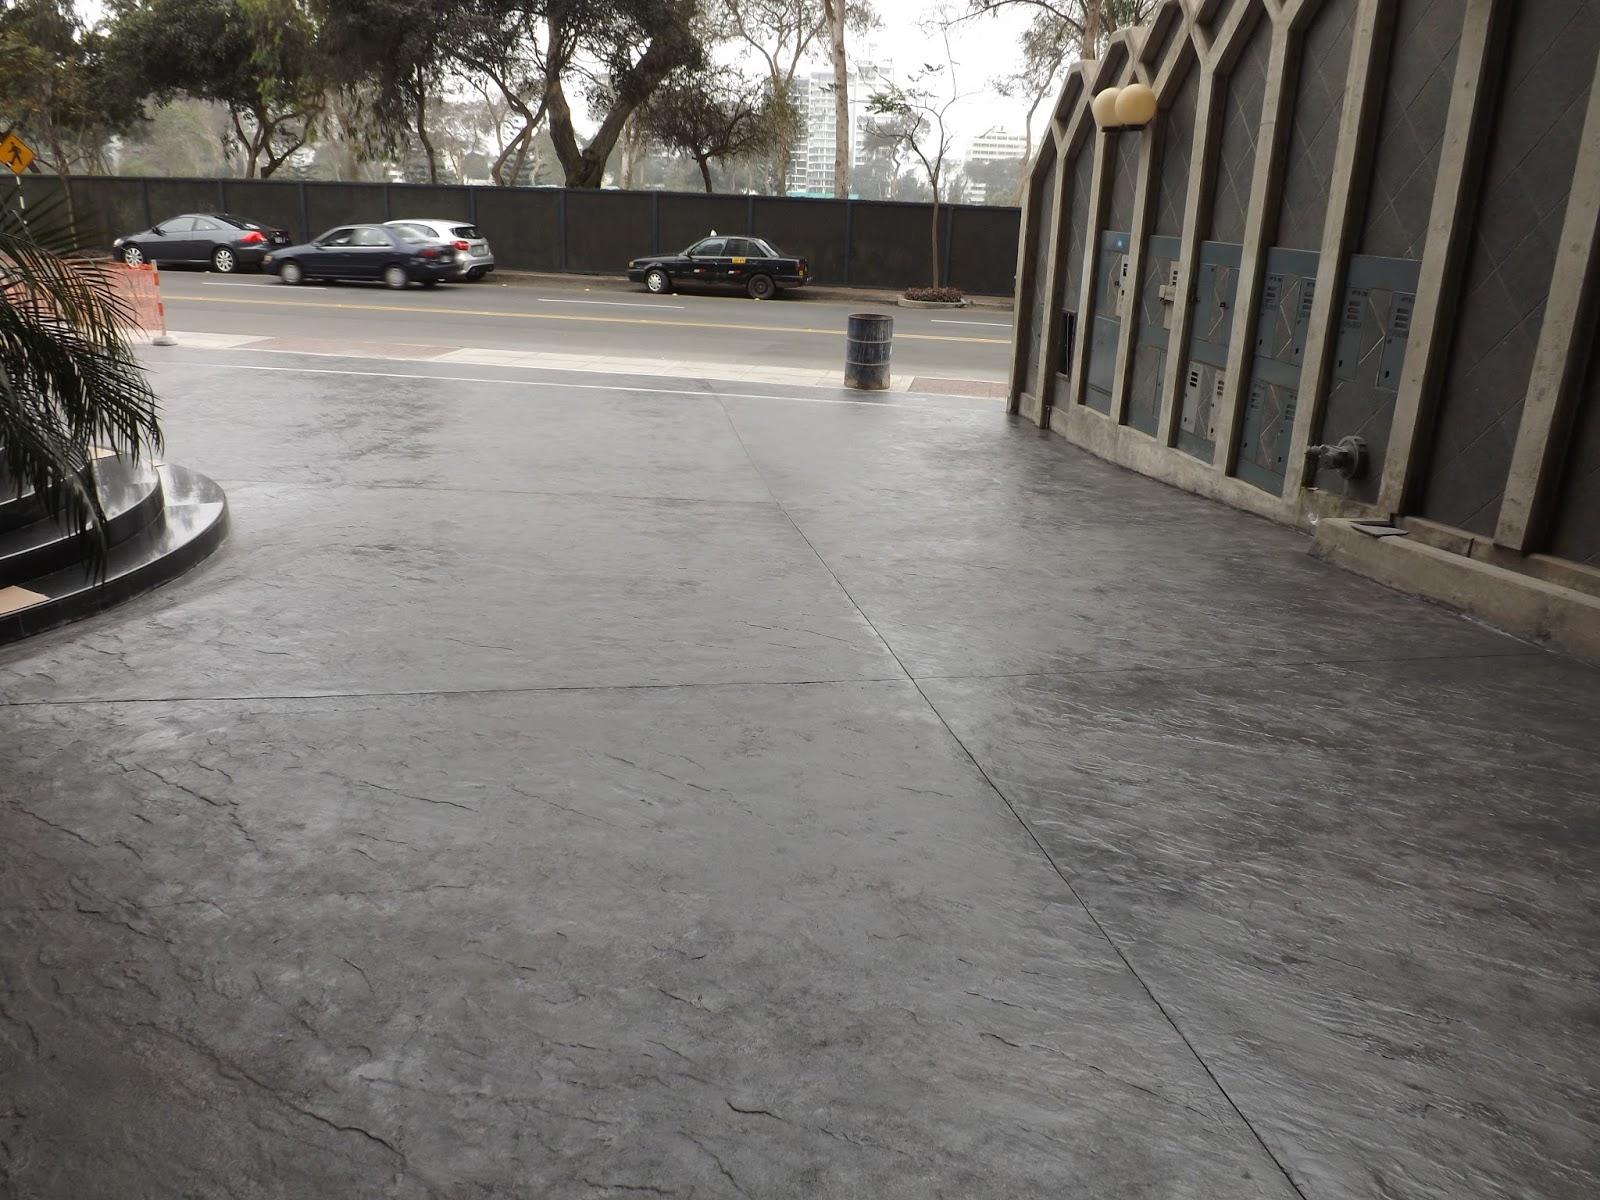 Mundo oniria piso de estacionamiento de concreto estampado for Piso concreto pulido